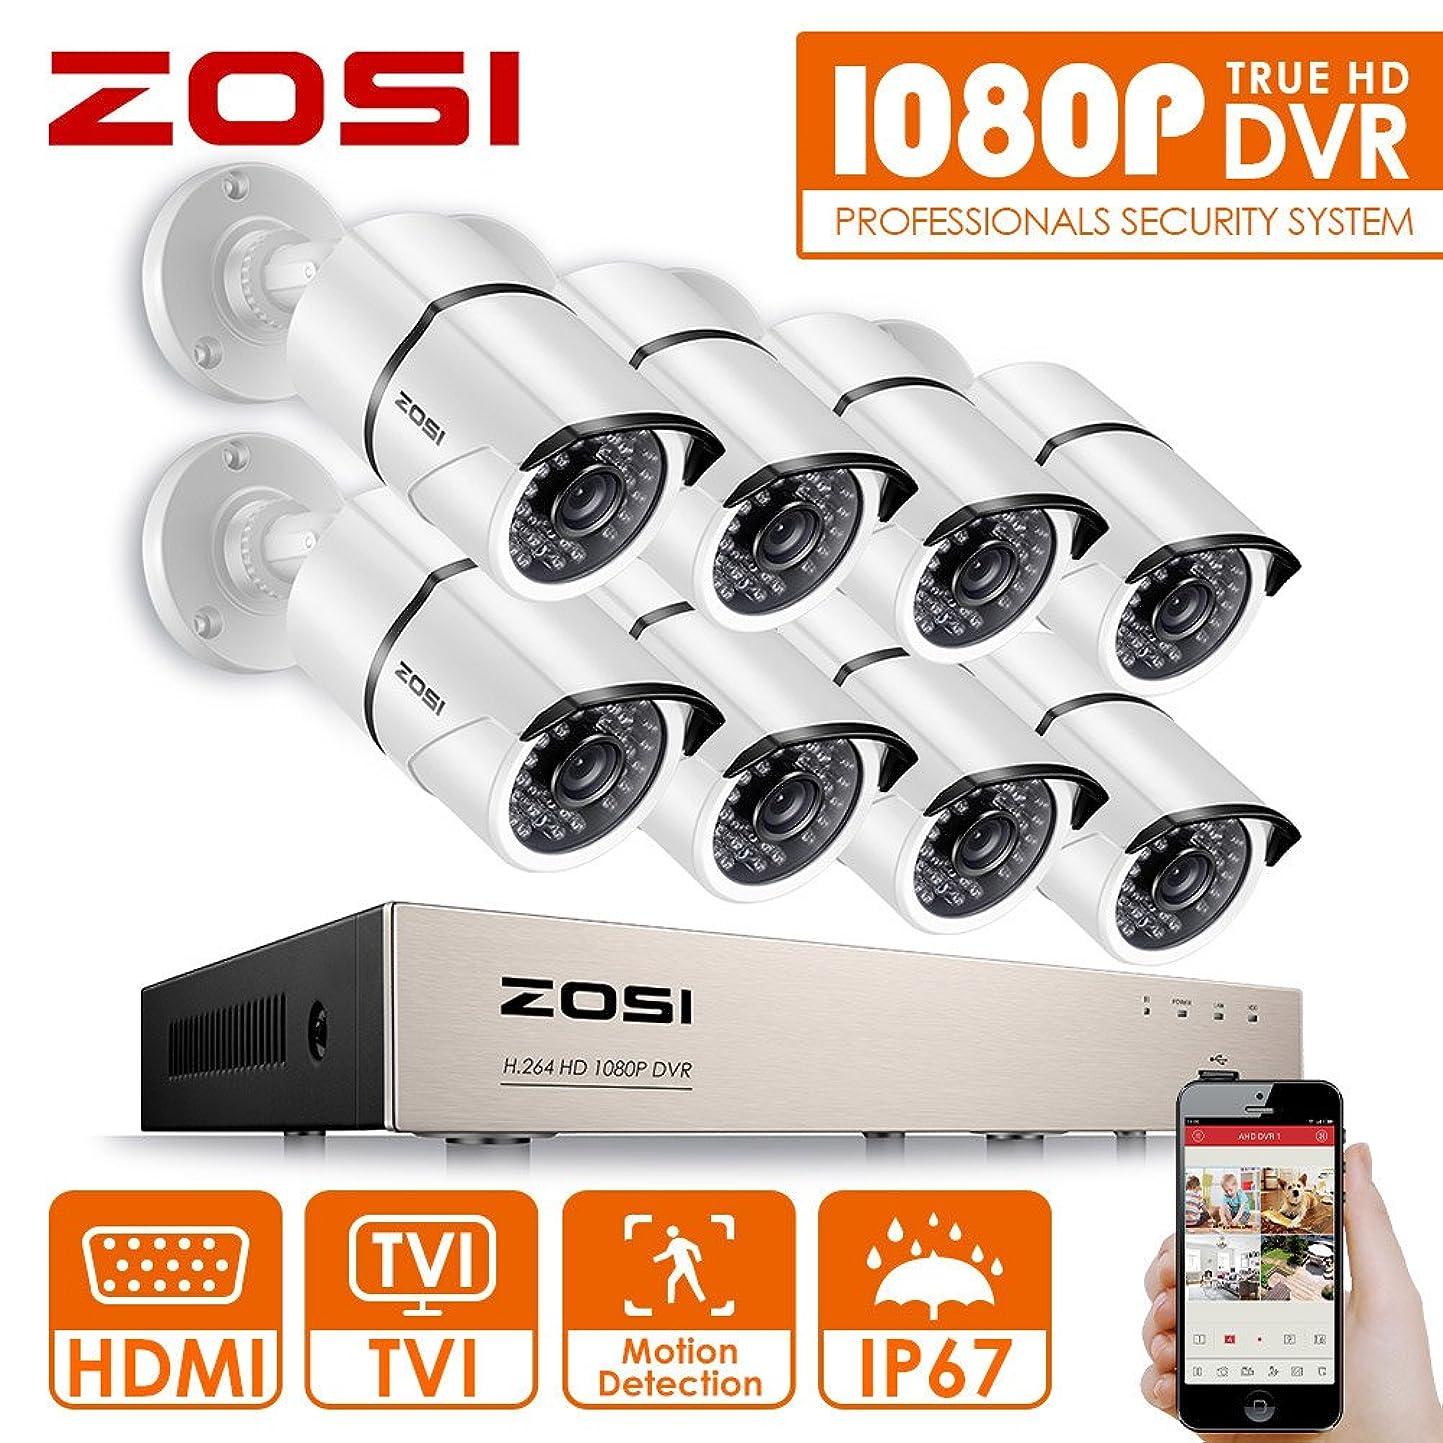 シチリア想像力付き添い人ZOSI 230万画素防犯カメラセット フルハイビジョン 230万画素 防犯カメラ8台 +ミニ 8ch AHDデジタルレコーダー ネットワーク機能 パソコンやスマホ遠隔監視対応 日本語対応 HDD2TB付き付き